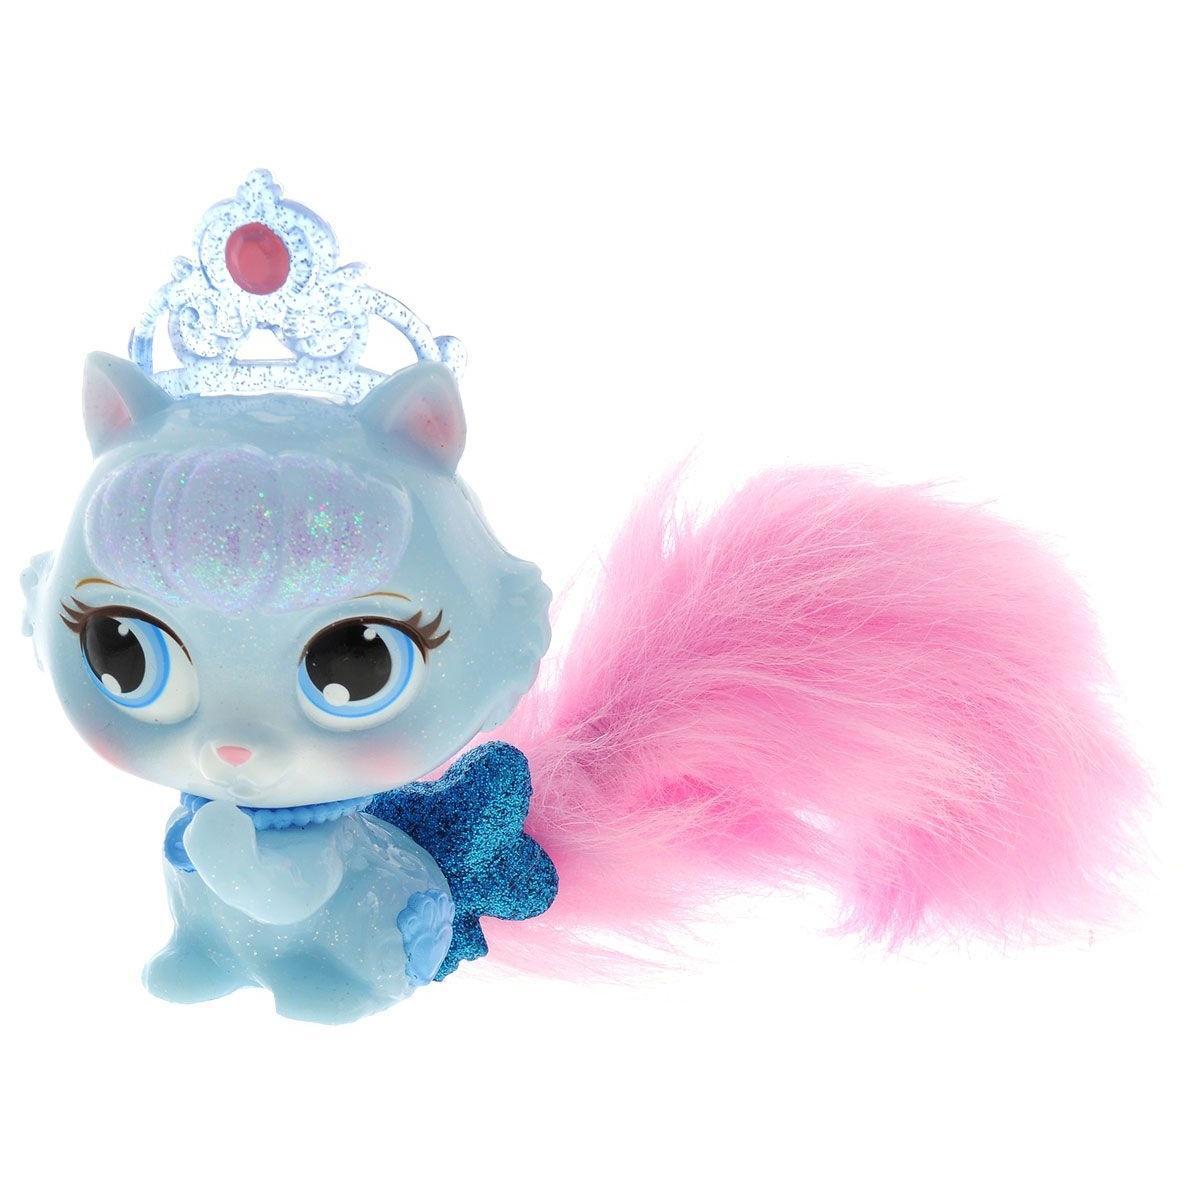 королевские питомцы игрушки картинки повод изучить